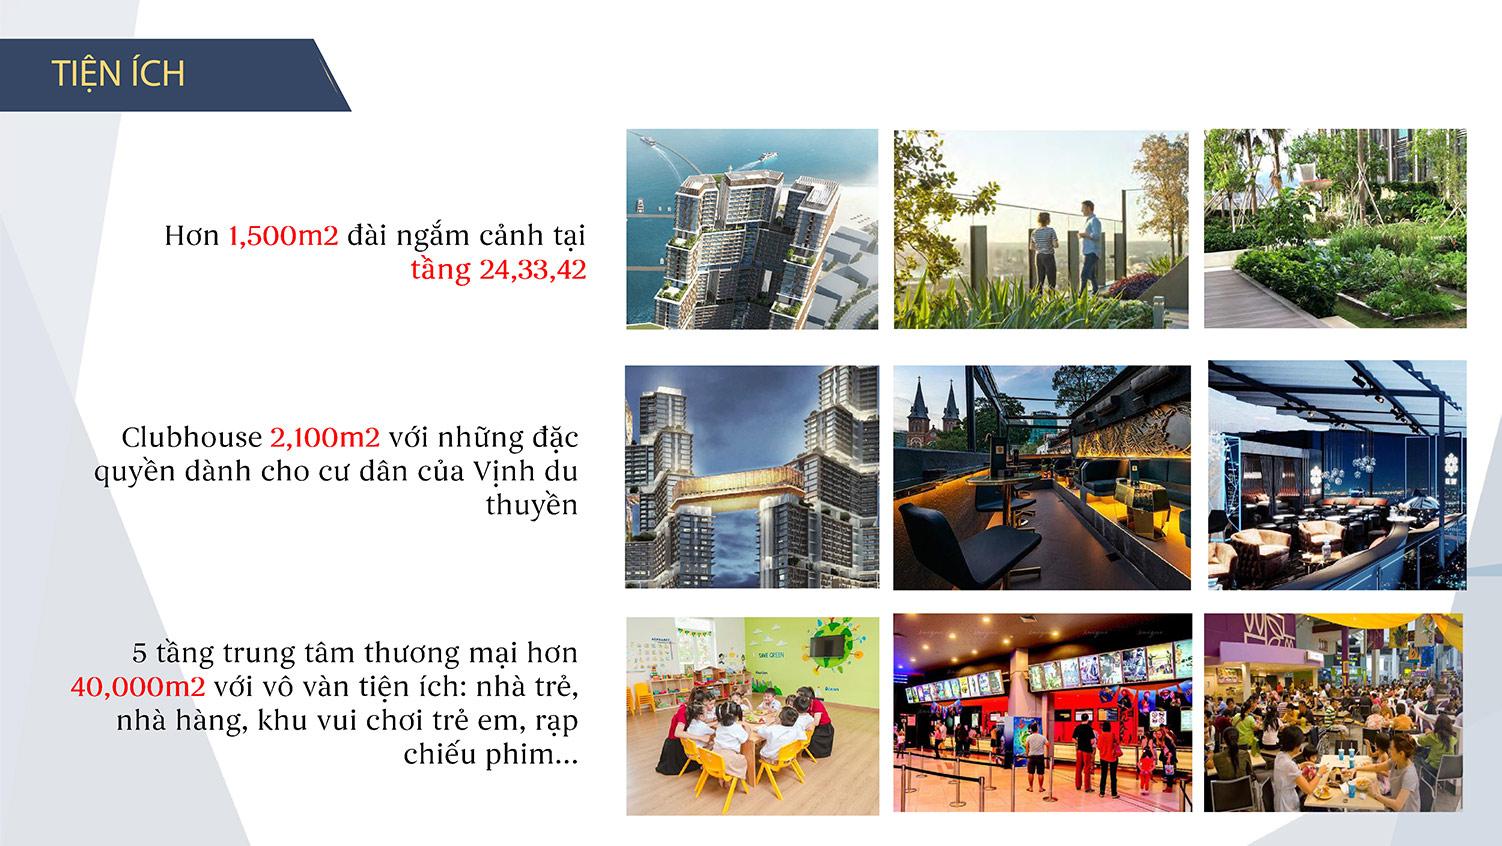 Tiện ích căn hộ Sun Grand Marina Hạ Long